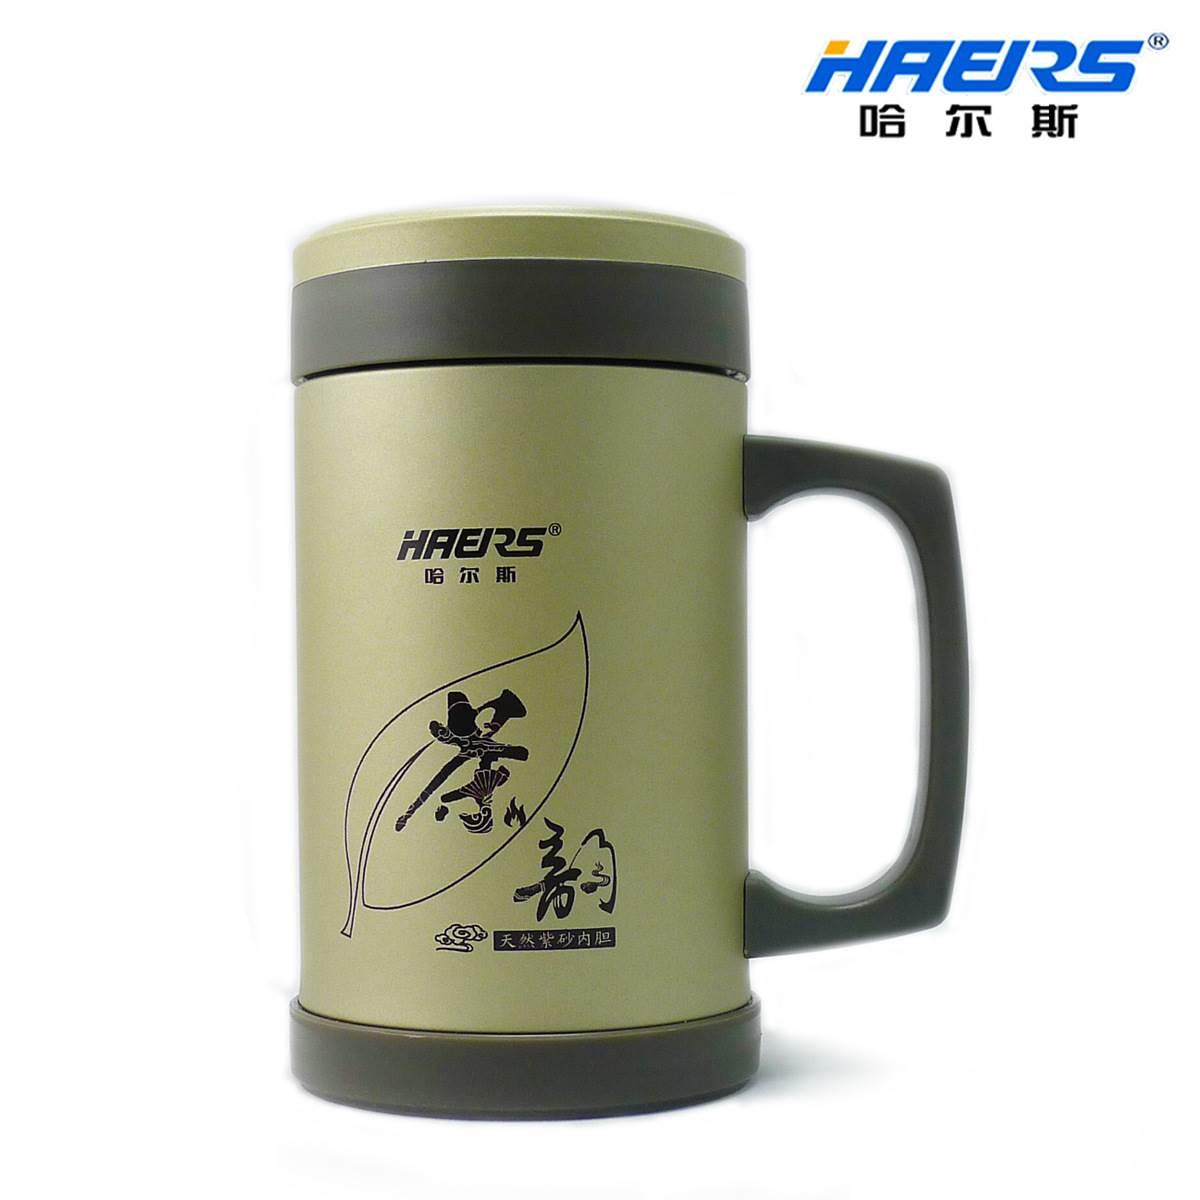 哈尔斯纯养生保健水杯健康紫砂内胆办公杯HZS-350B特价